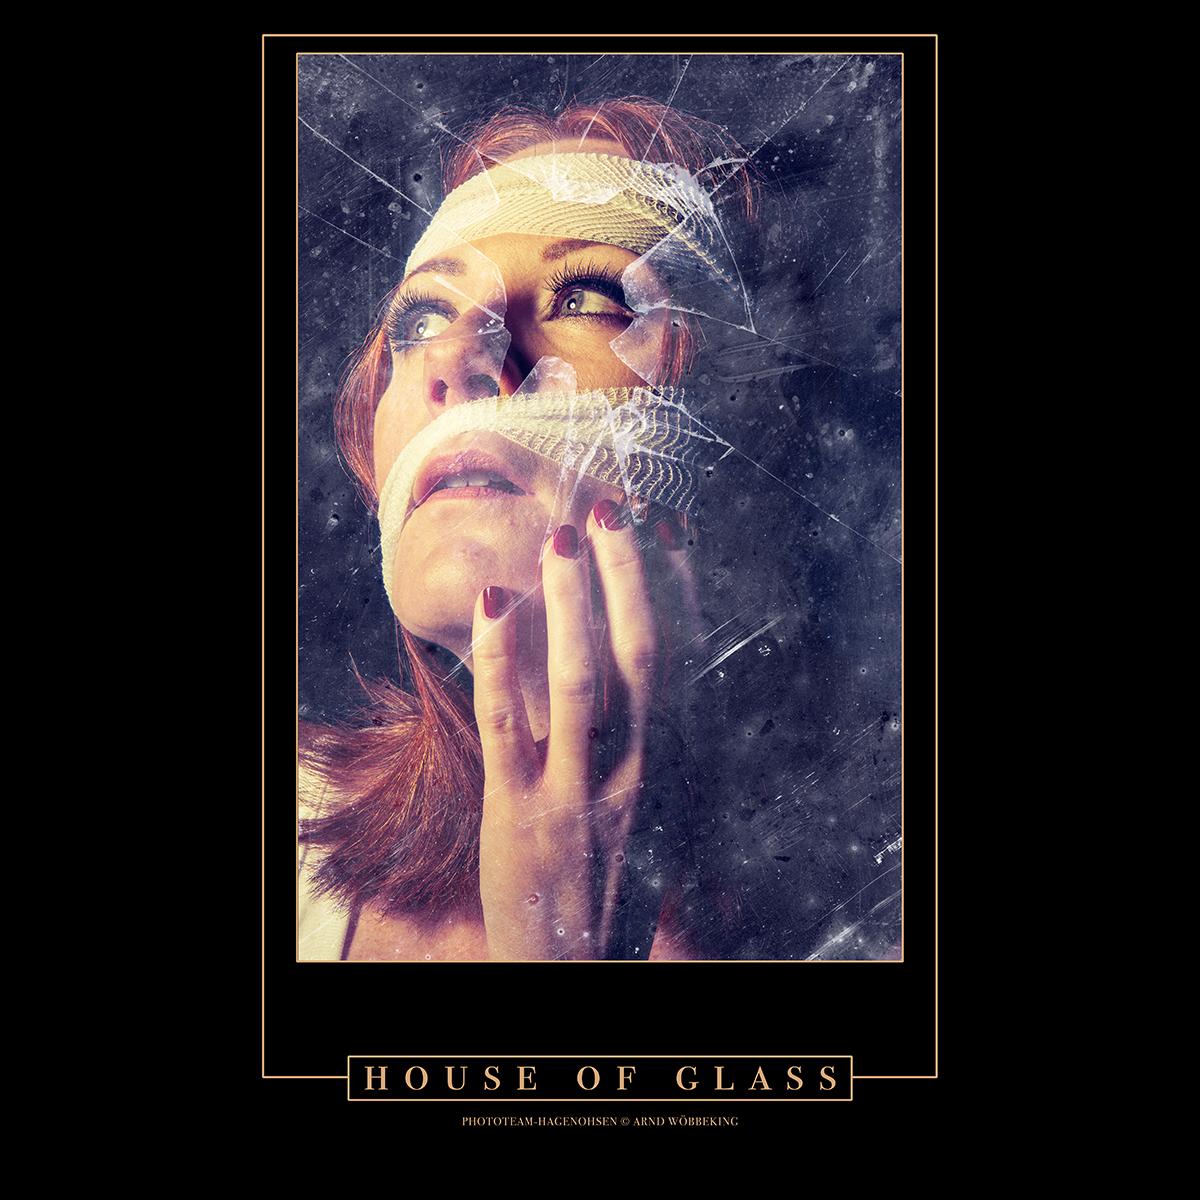 """""""HOUSE OF GLASS"""" + Oft merkst Du, dass Du Dich nur in einem Haus aus Glas befindest. Du denkst, Du bist stark. Doch dann merkst Du, dass Deine Stärke Risse bekommt; erst ganz kleine, die durch negative Energien zu großen Löchern werden, in Dich eindringen und Deine Emotionen, Gedanken und Kreativität vernichten. Das Leben ist wie das Leben in einem Haus aus Glas."""